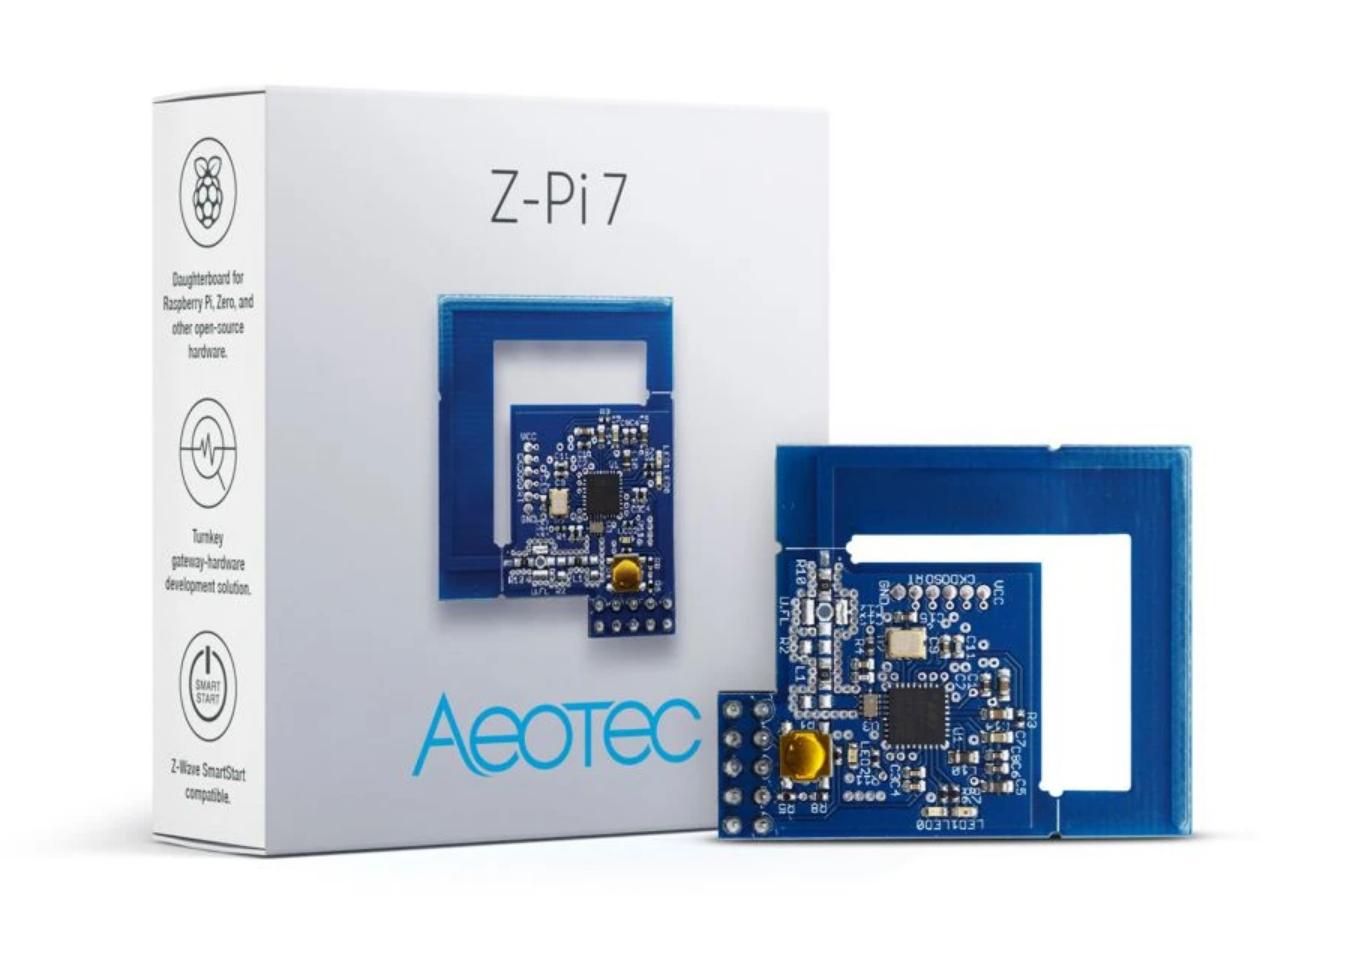 Aeotec's Z-Pi 7 Z-Wave gateway module for your Raspberry Pi